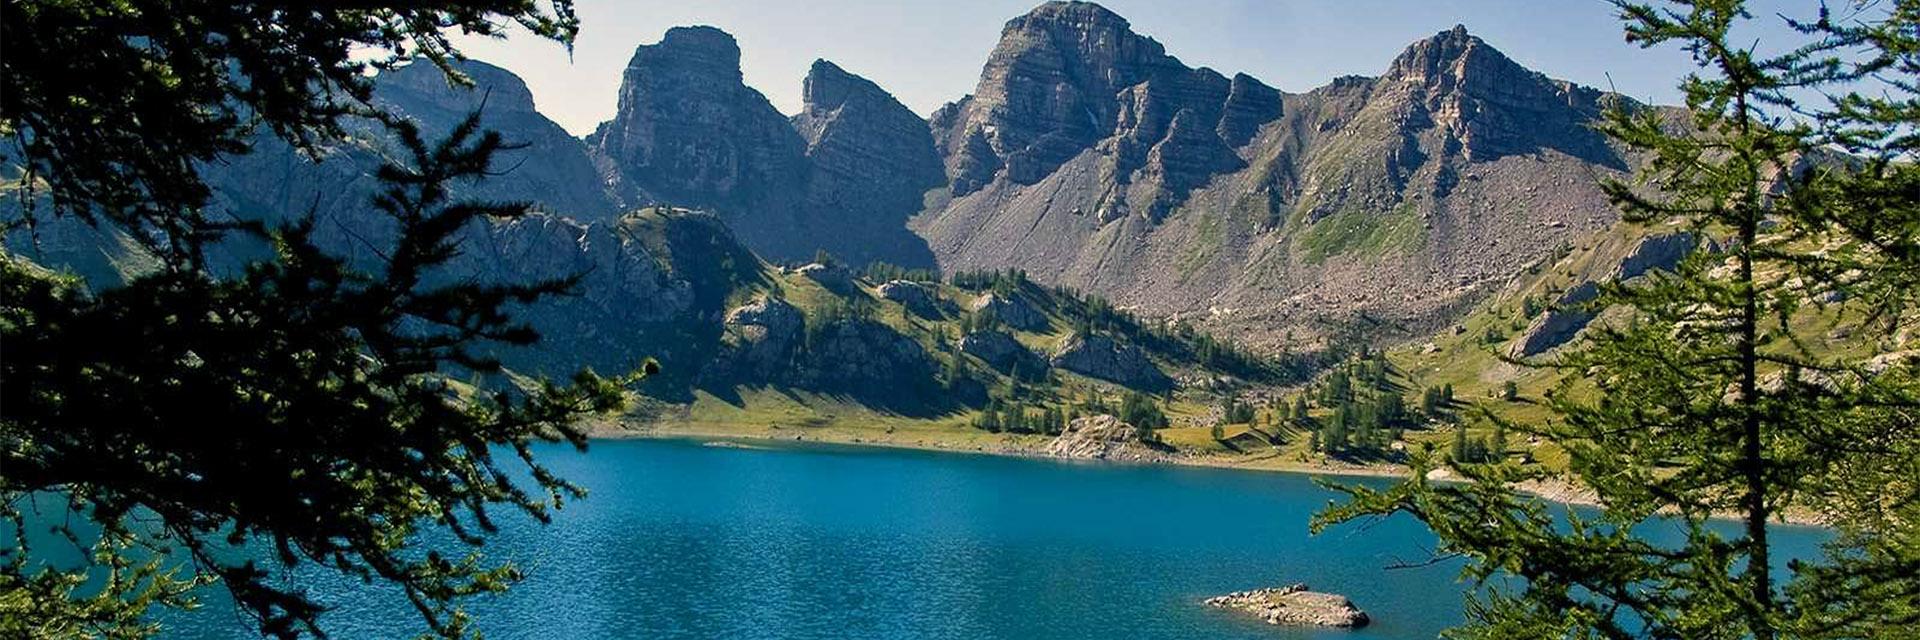 Village_club_vacances_alpes-de-haute-provence_semeuse_lac-d-allos-dans-la-parc-naturel-du-mercantour